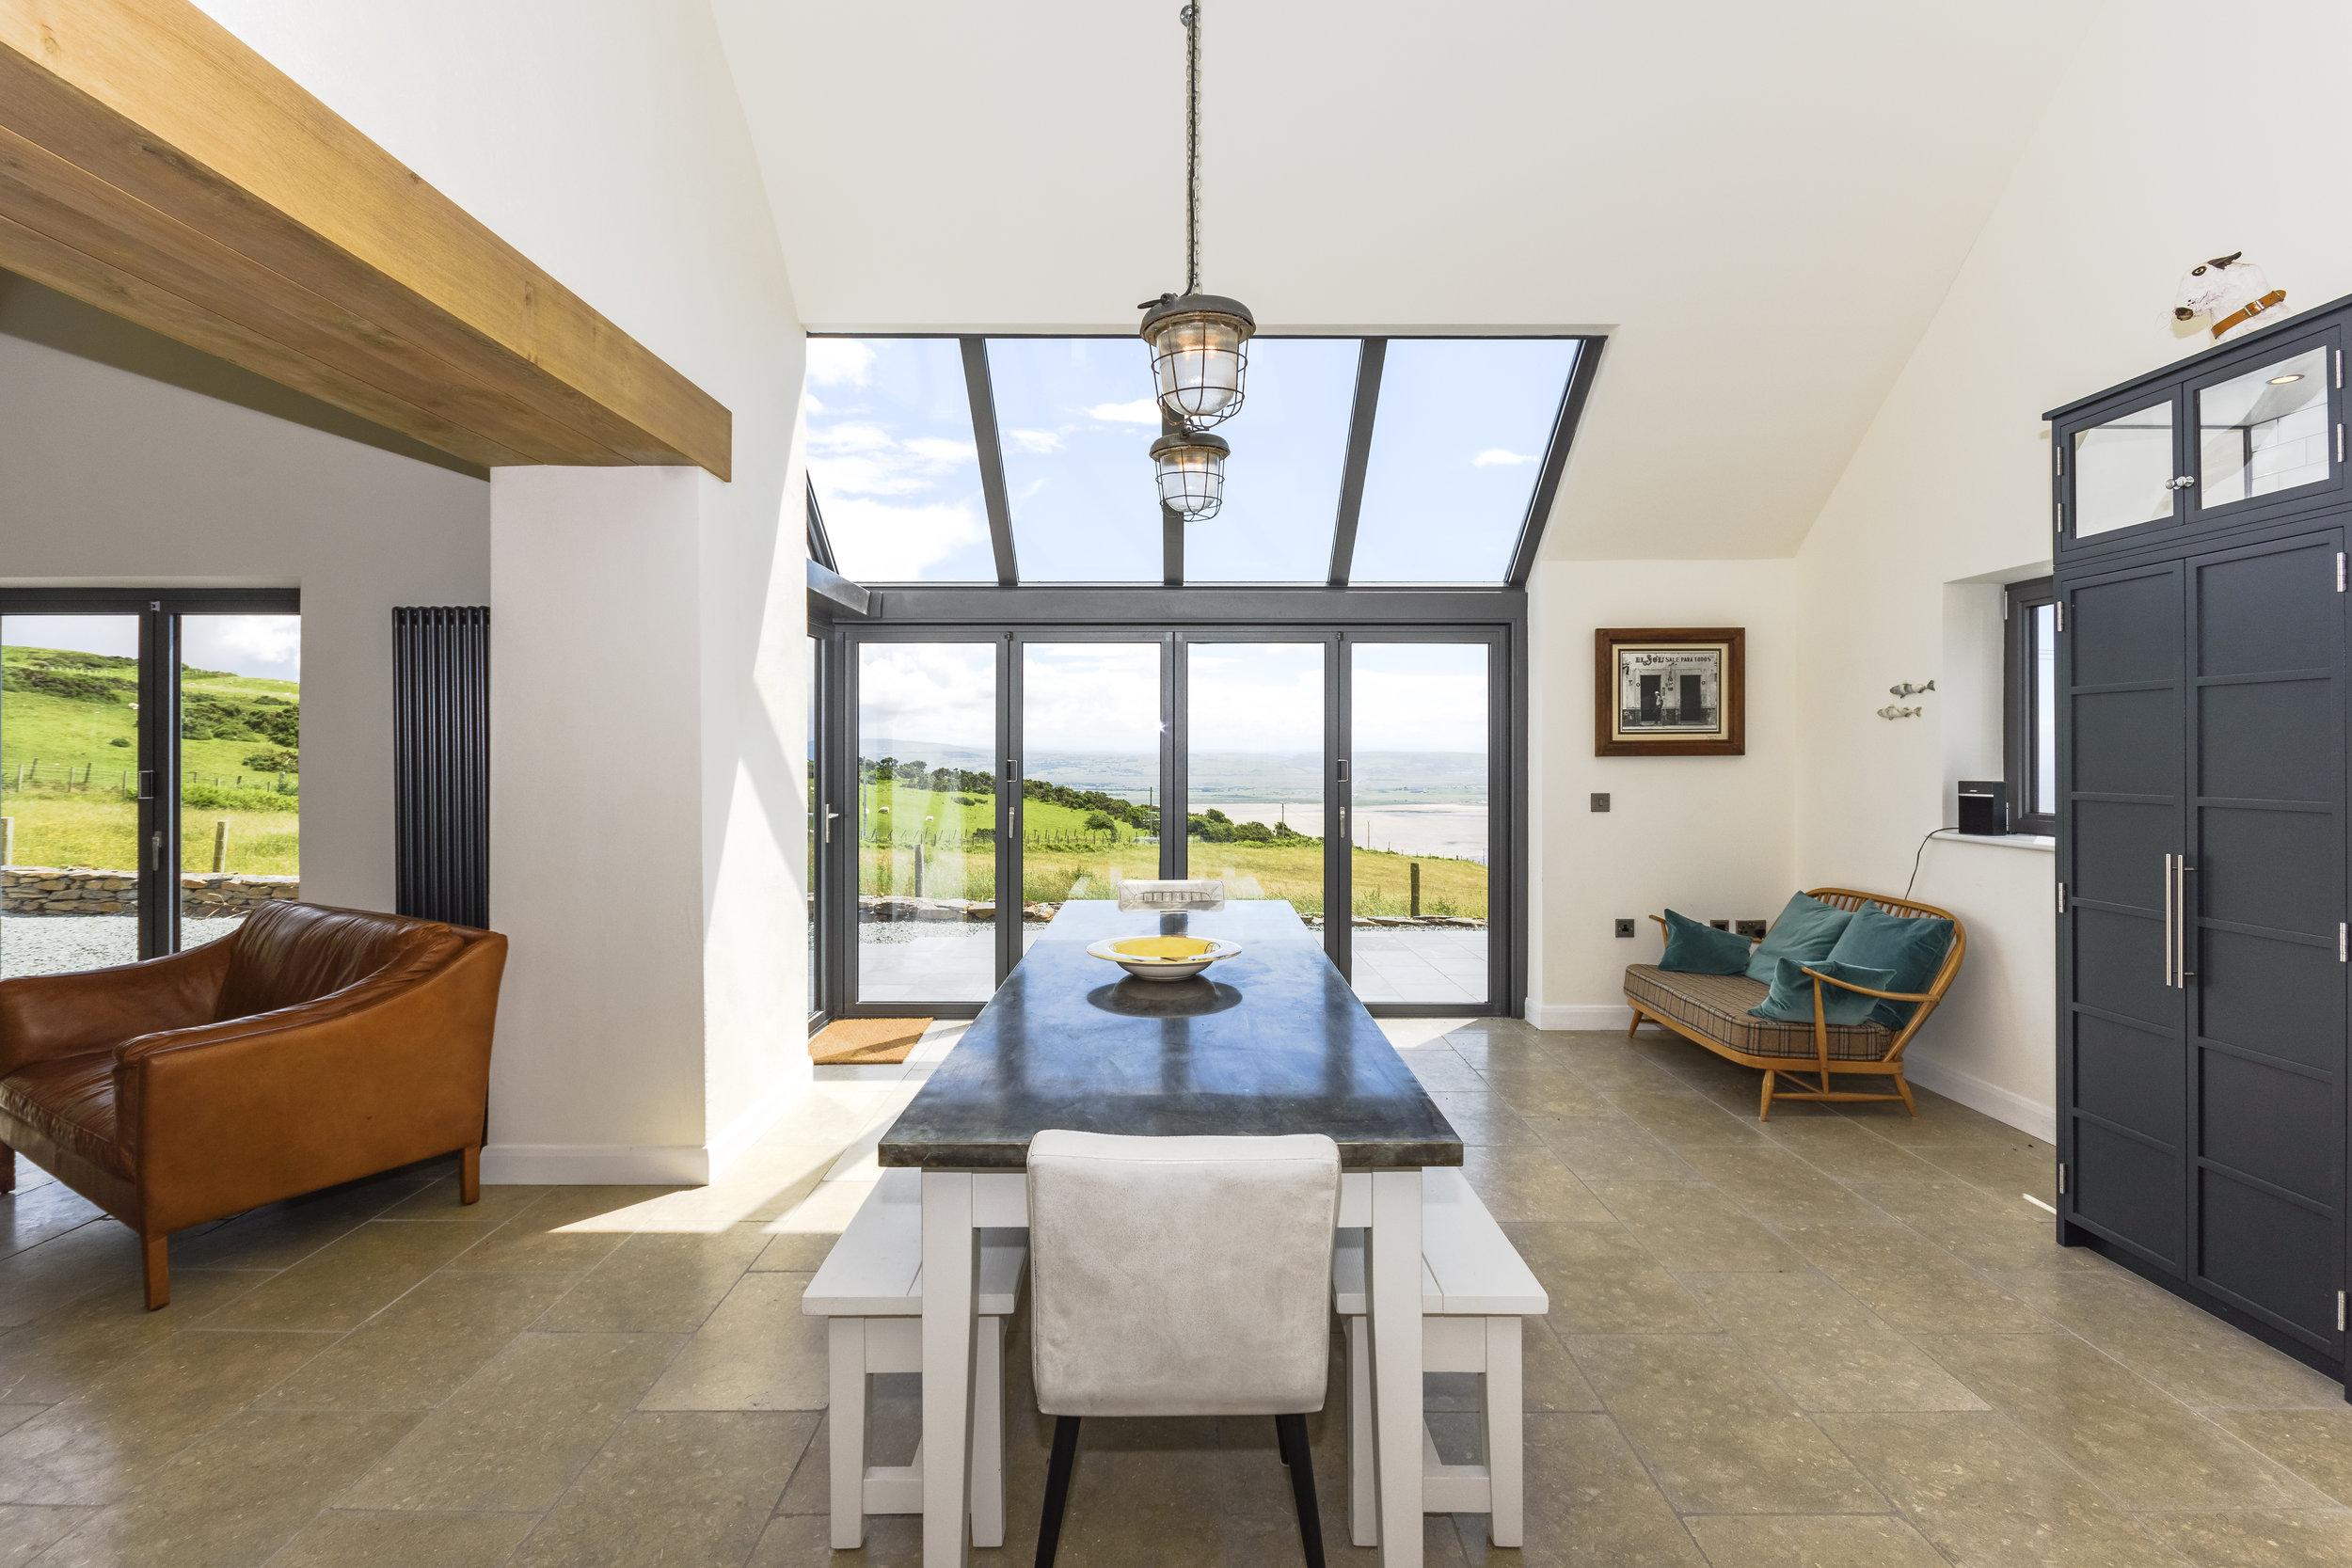 _DSC2830 - Kitchen - Erw Gwenllian - Paul Fowles Photography.jpg